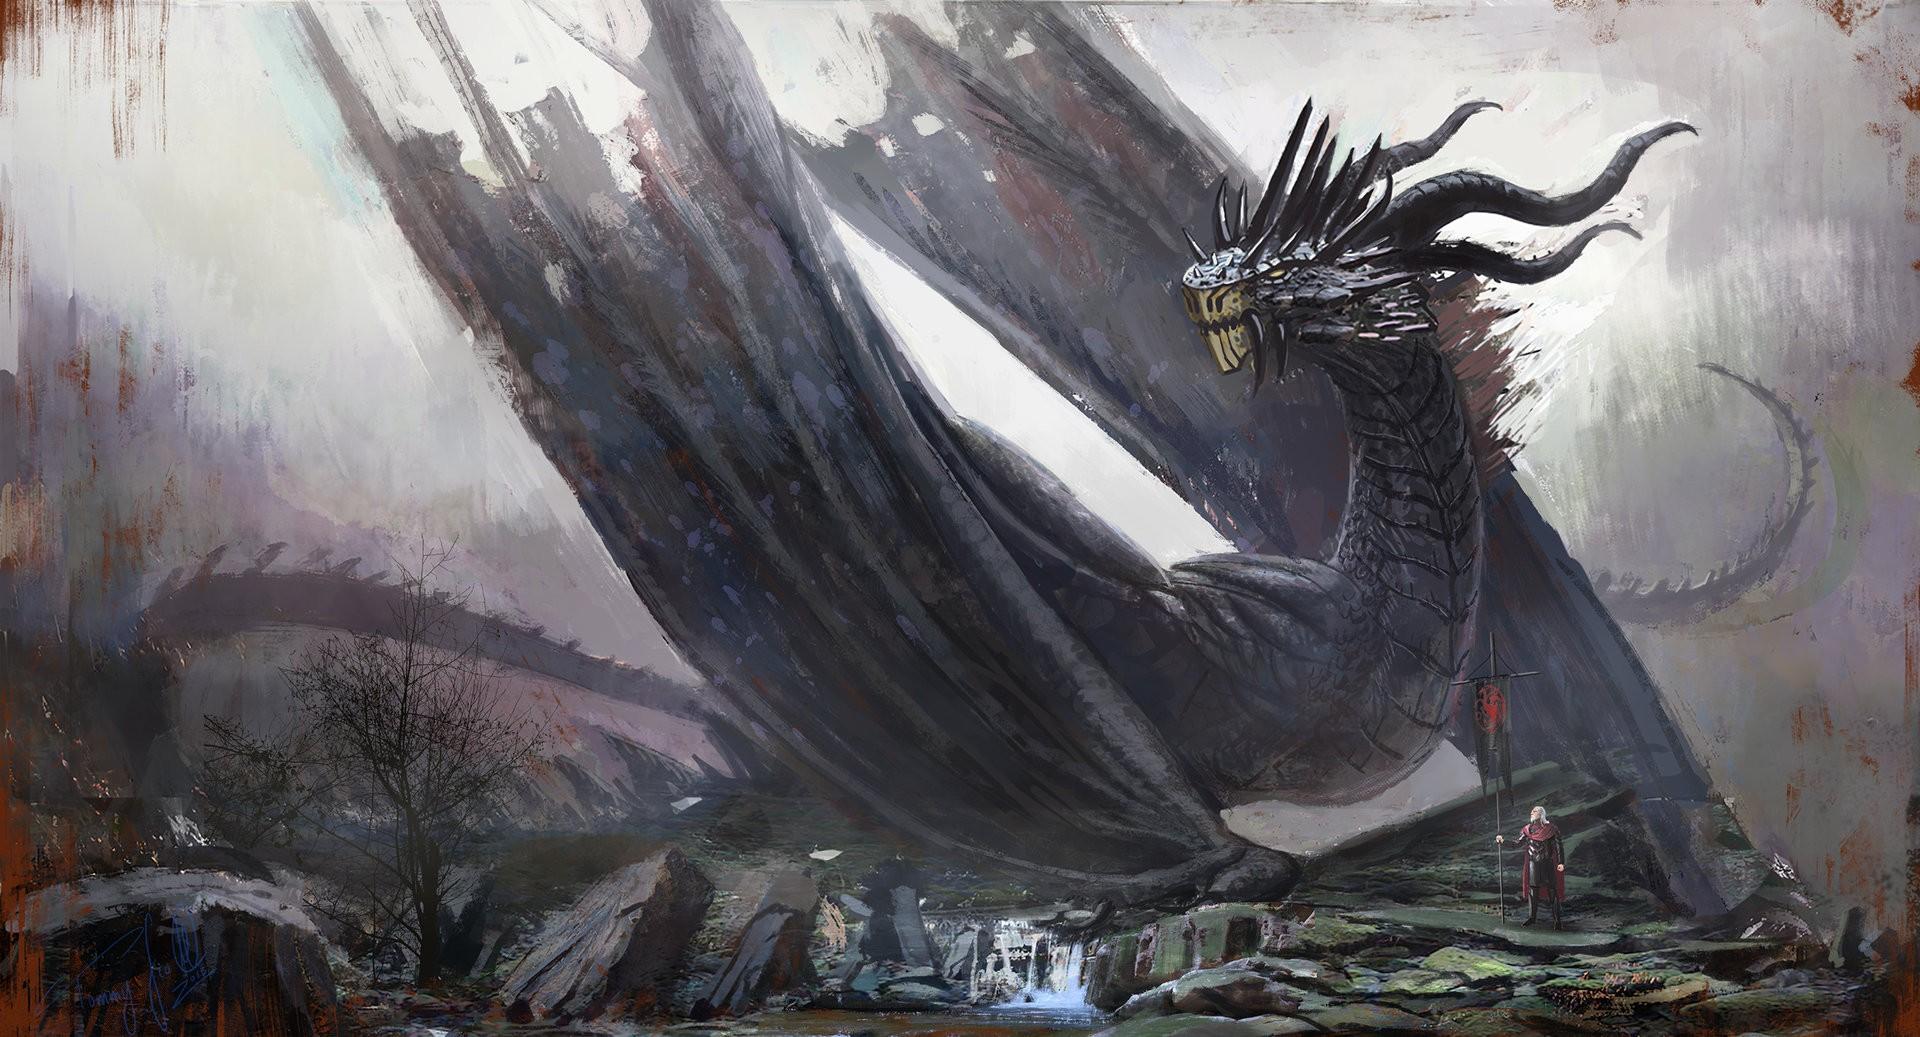 Obrazky Na Plochu Kreslenie Maľba Fantasy Umenie Umelecke Diela